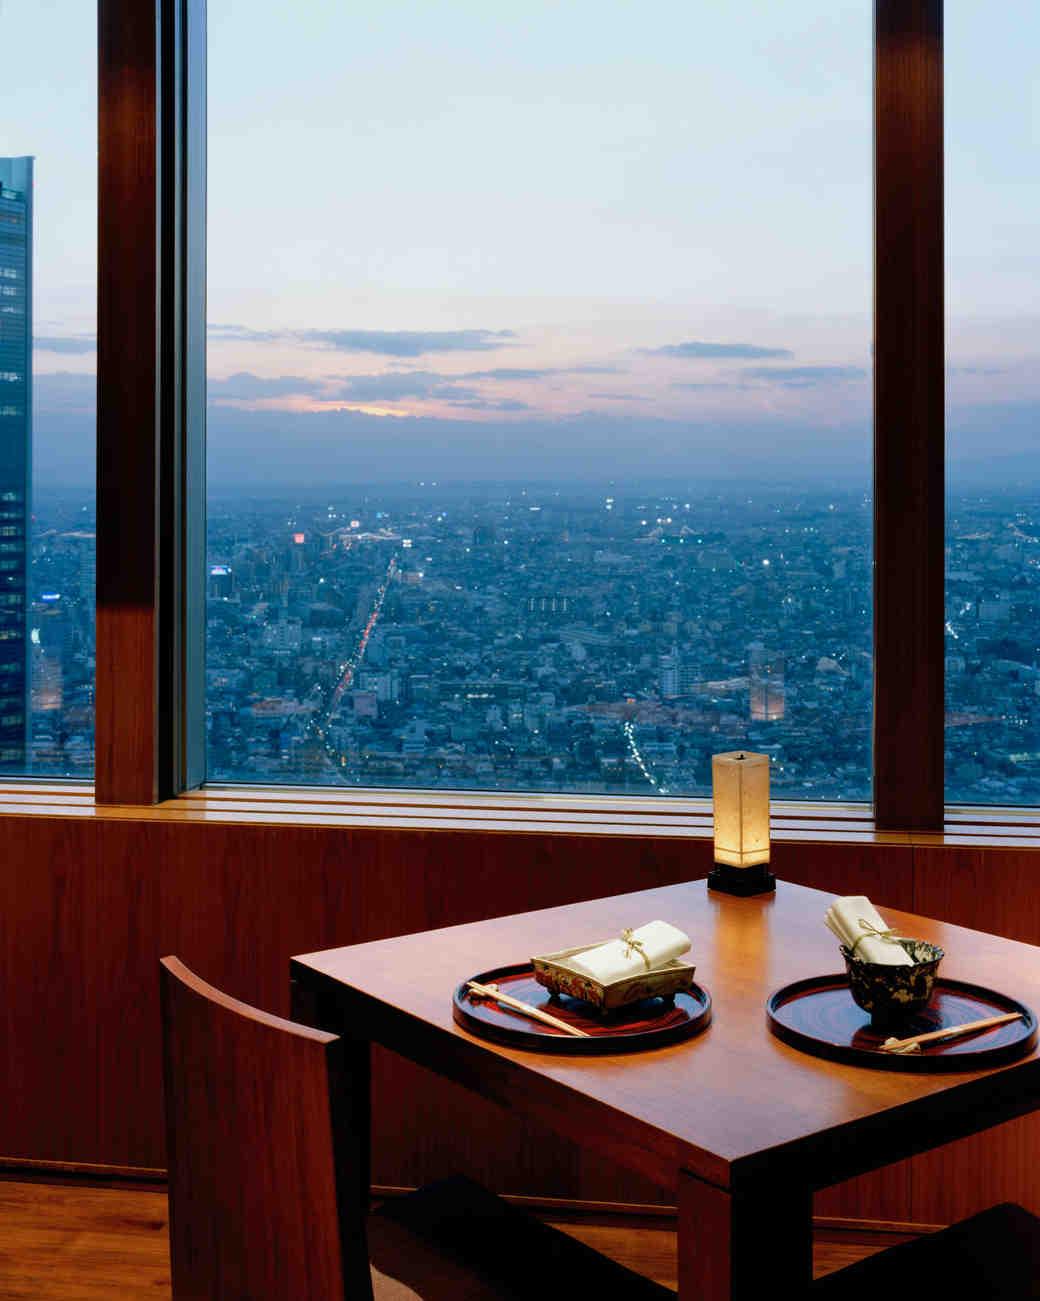 honeymoon-destinations-2015-japan-park-hyatt-tokyo-0115.jpg